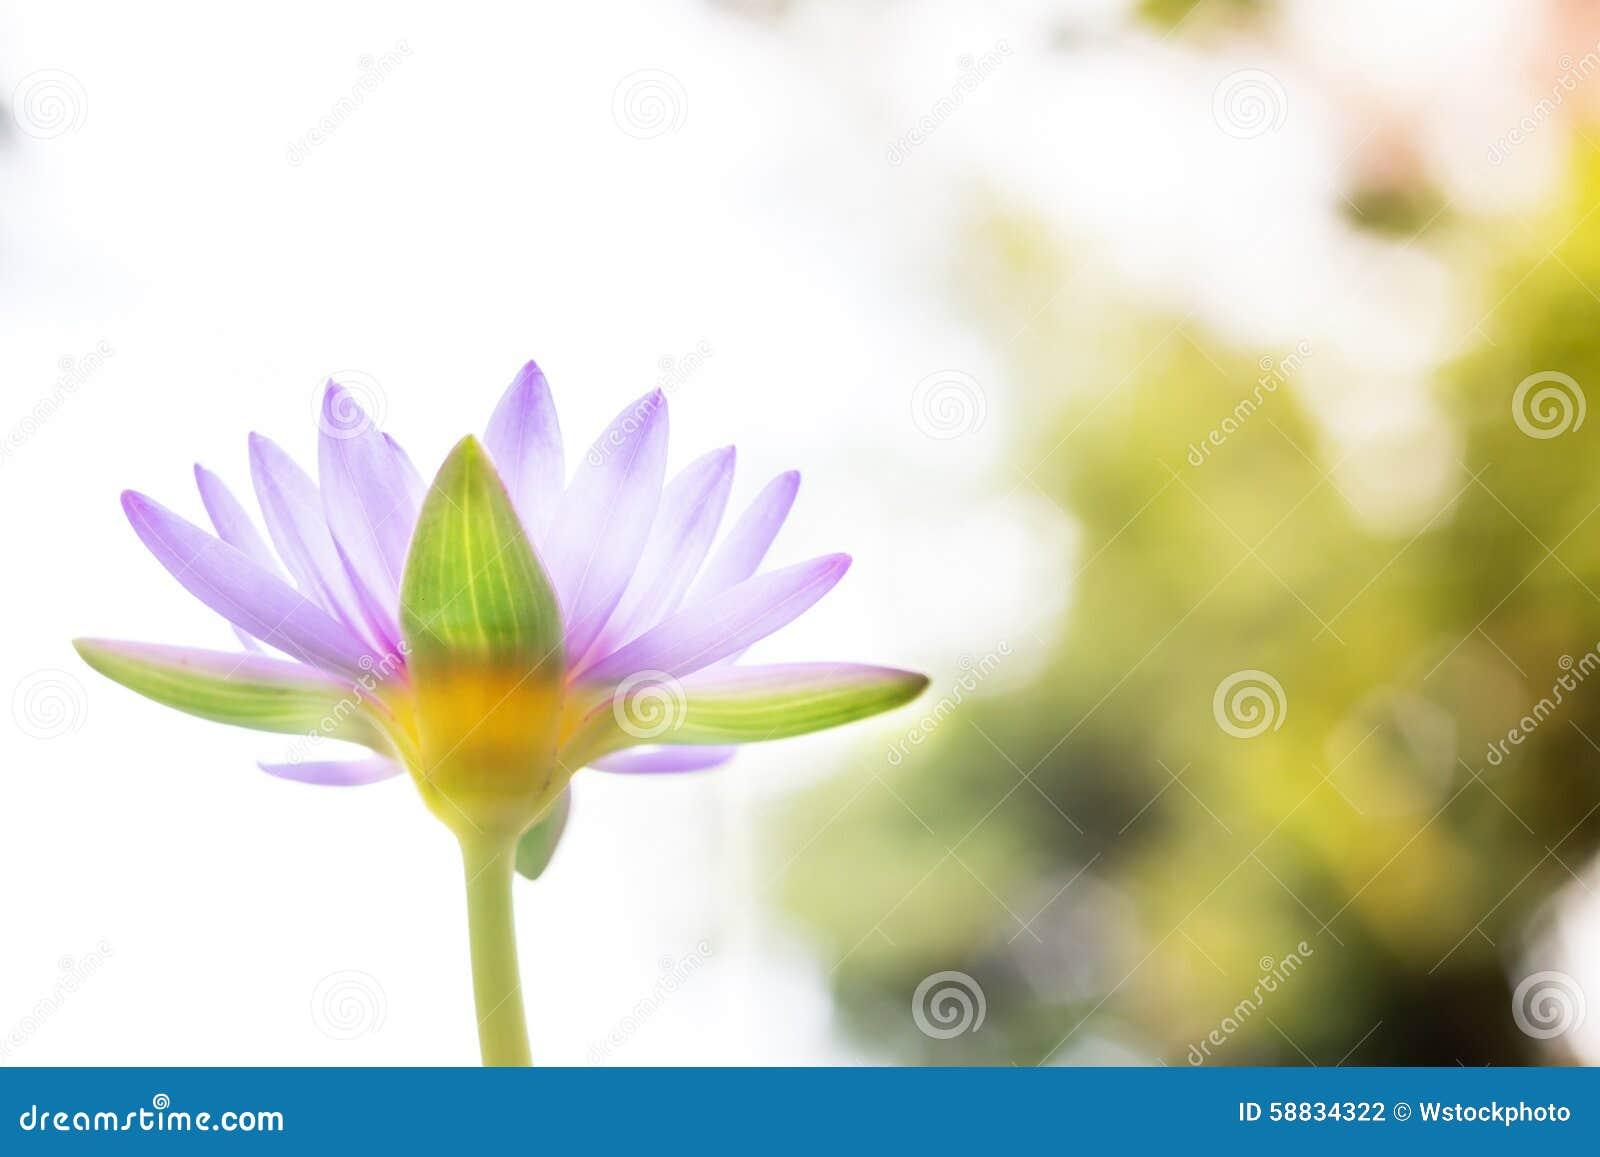 Κάτω από το όμορφο πορφυρό λουλούδι Lotus άποψης ή τον κρίνο νερού στη θαμπάδα β